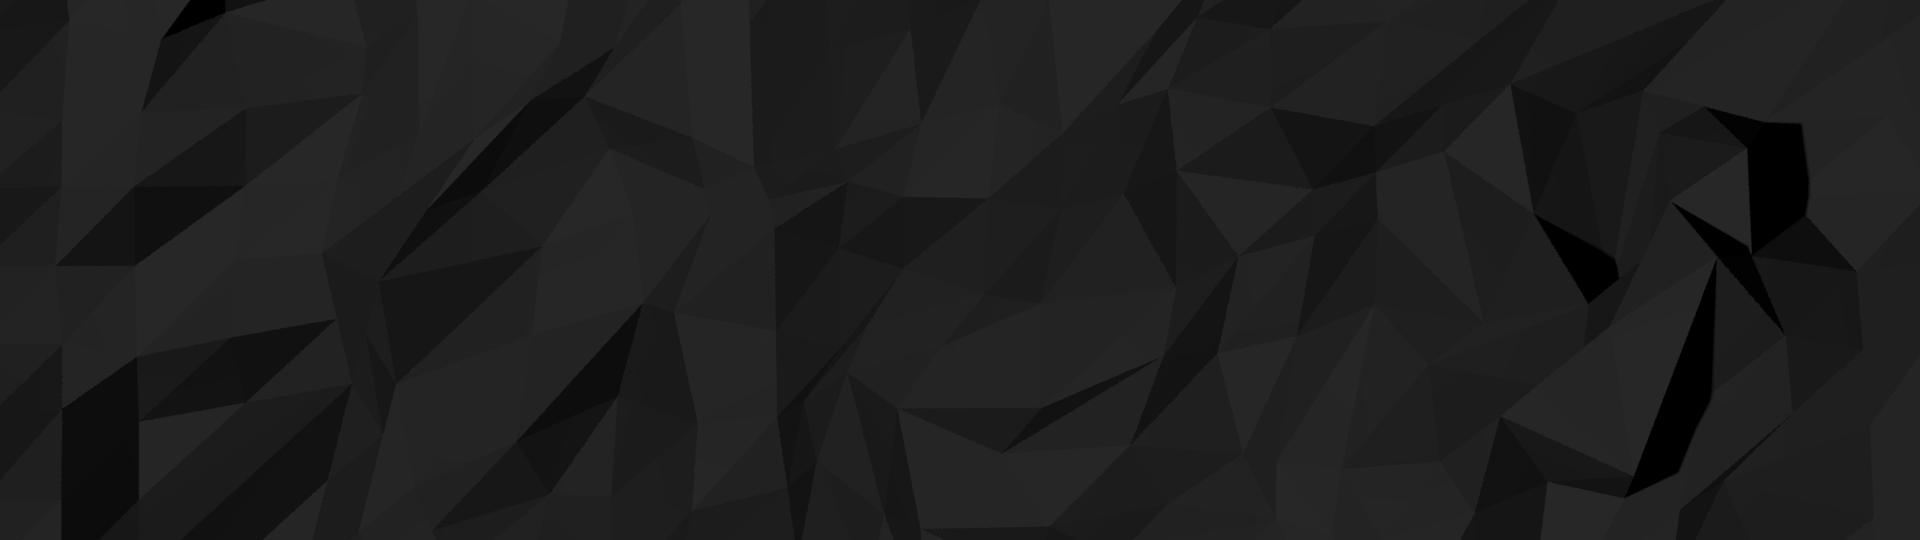 Трёхмерный фон для сайта в реальном времени на JavaScript при помощи three.js - 2